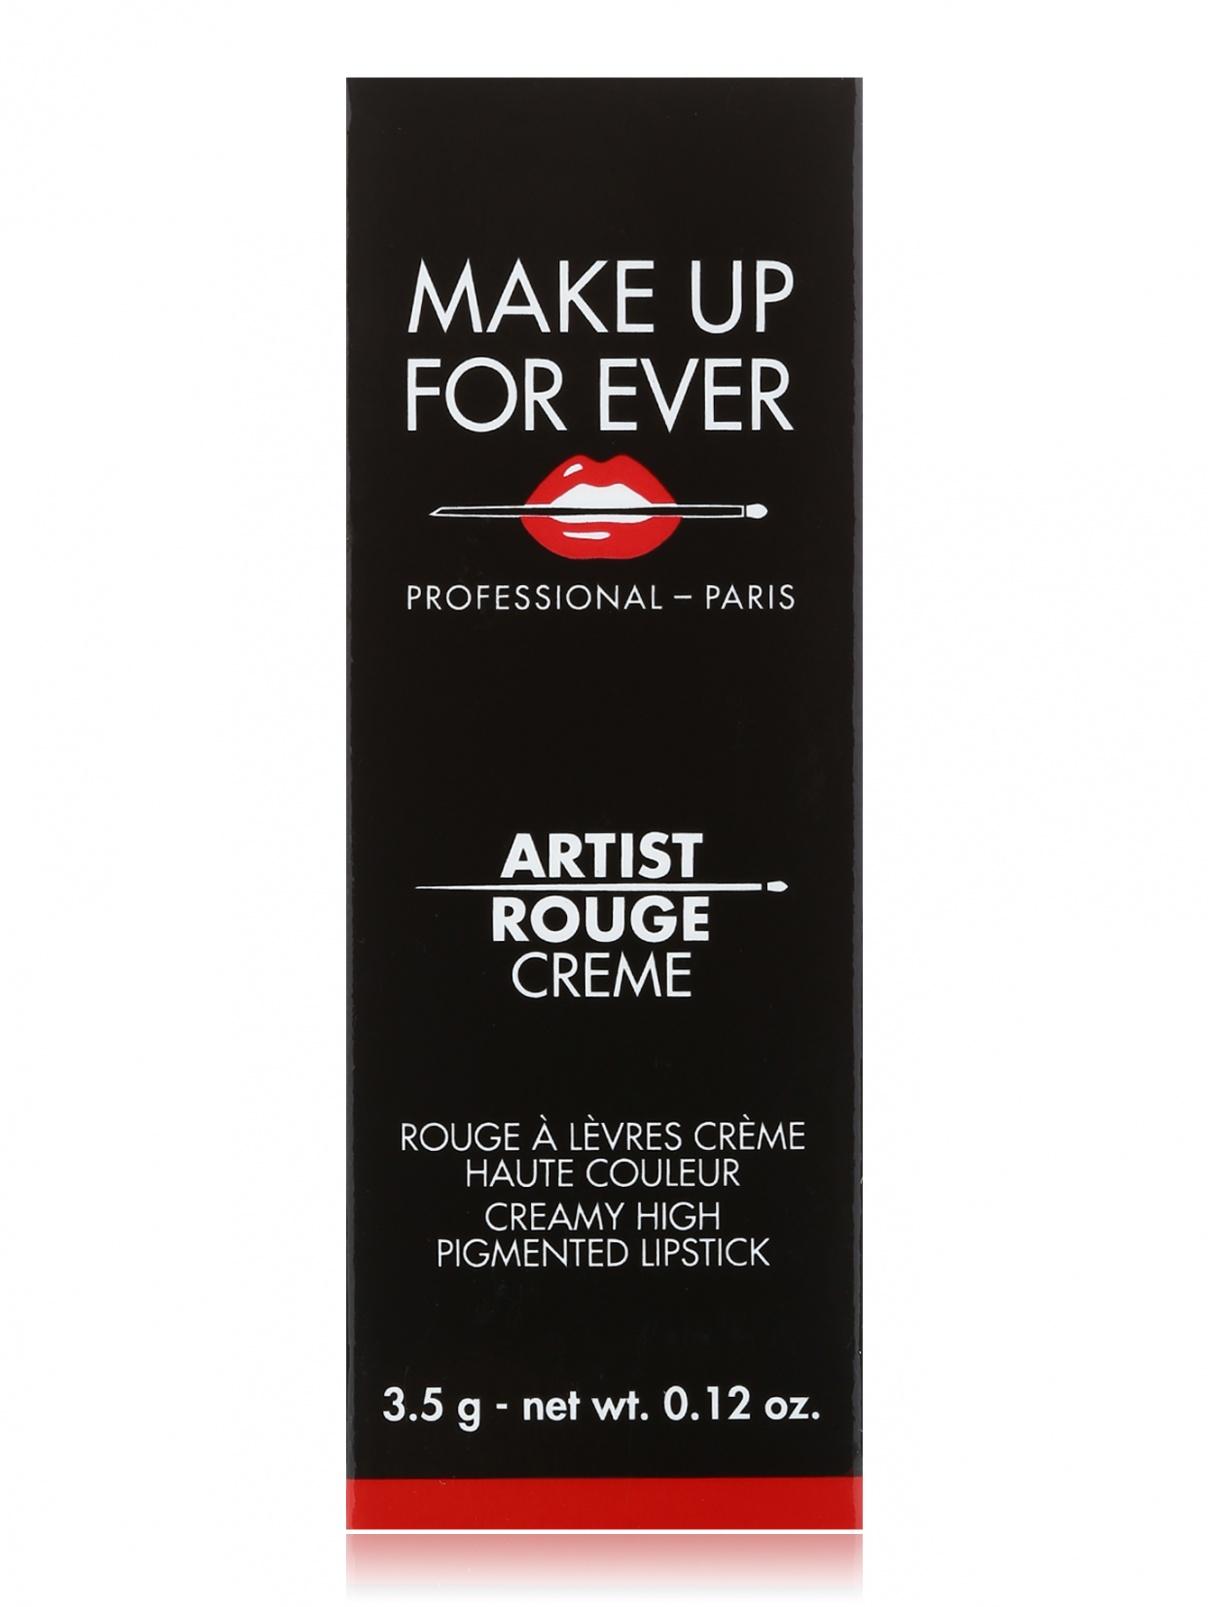 Помада - С403 Маковый красный, Artist rouge creme MAKE UP FOR EVER  –  Модель Общий вид